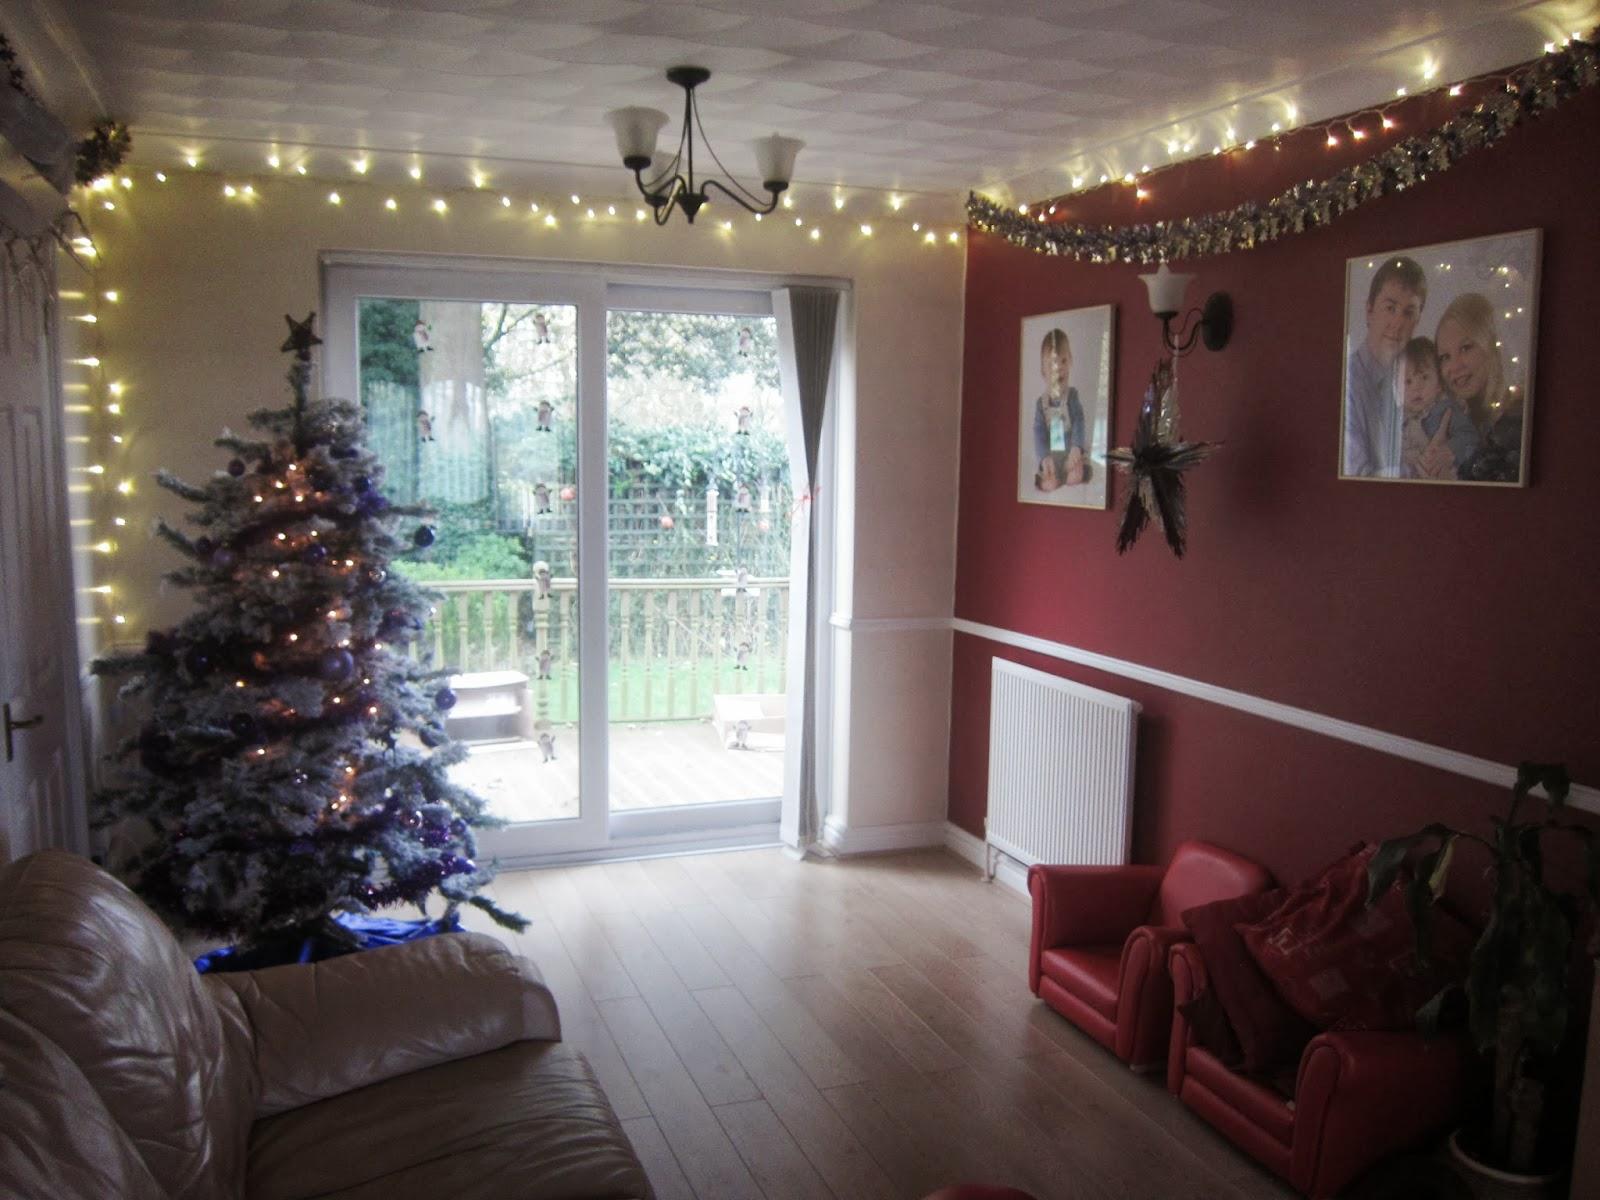 Christmas Lights Home Depot